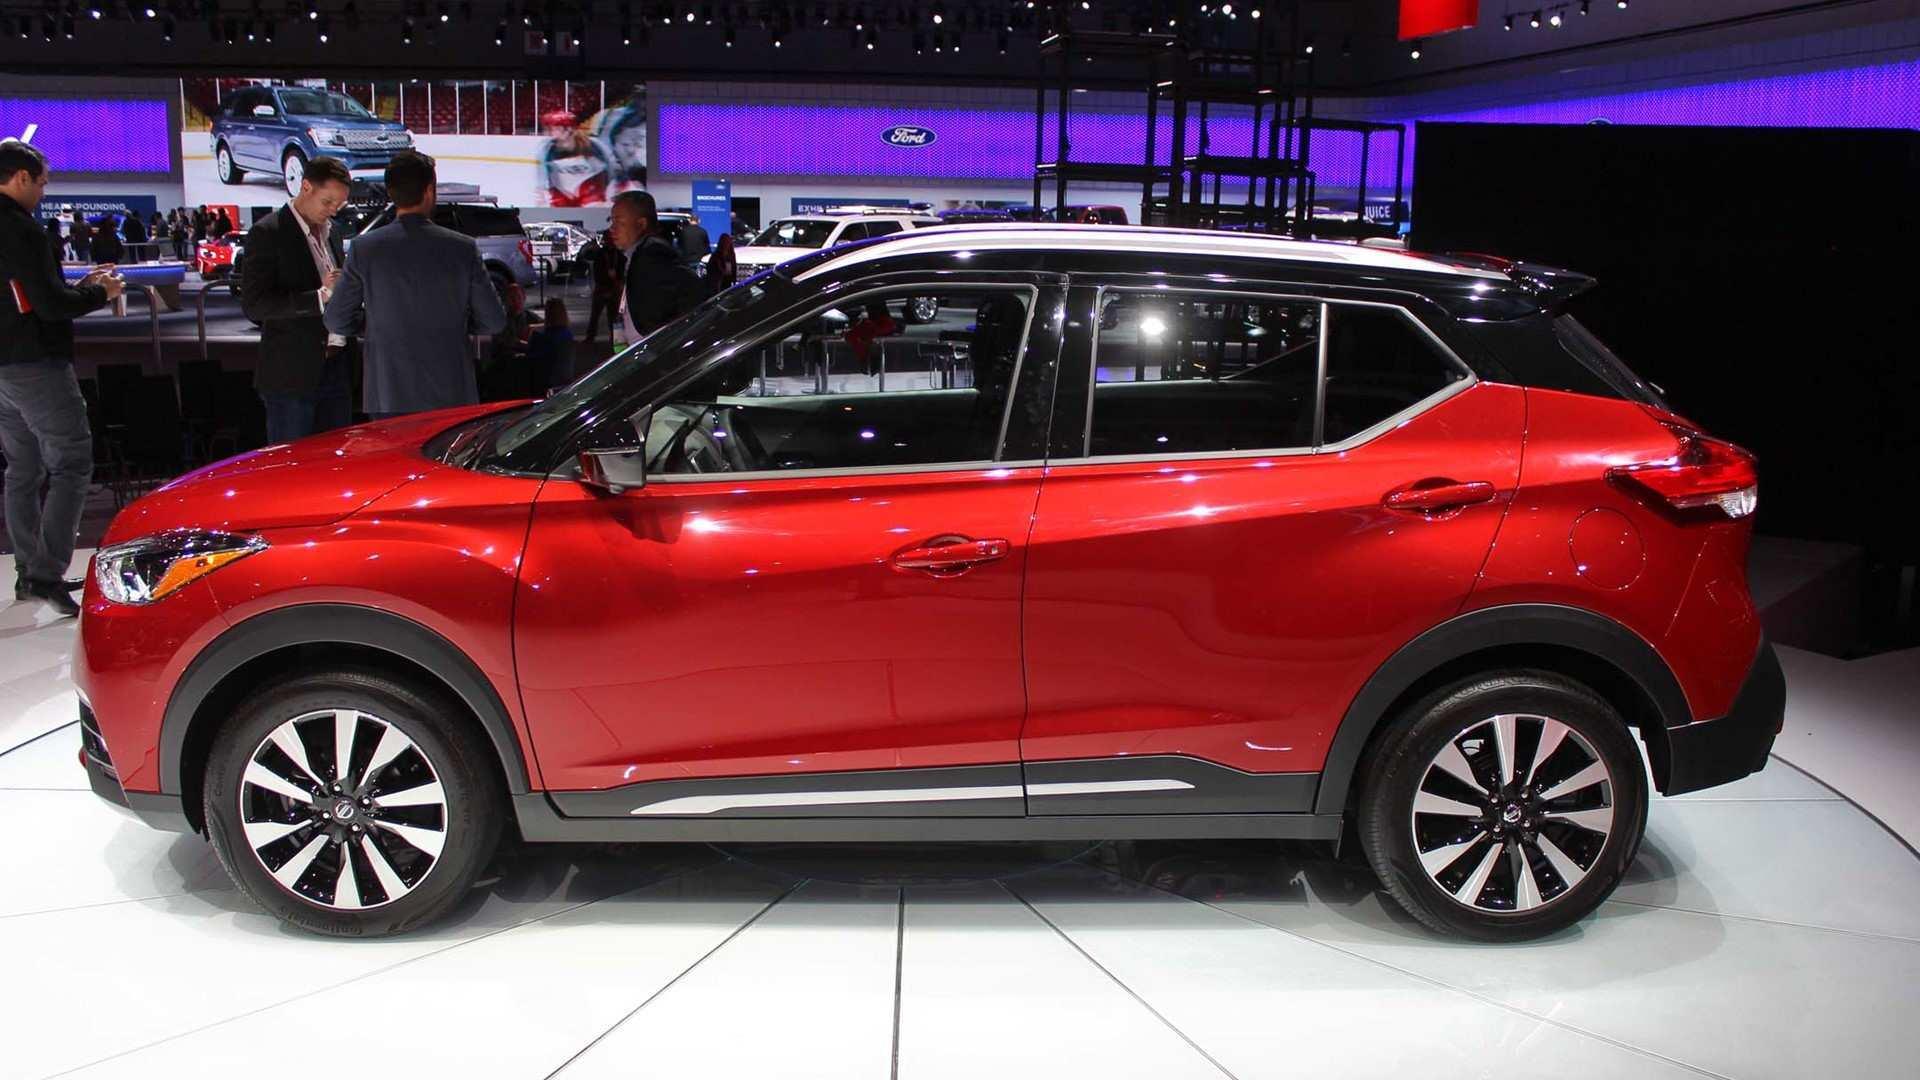 20 All New Nissan Kix 2020 Price by Nissan Kix 2020